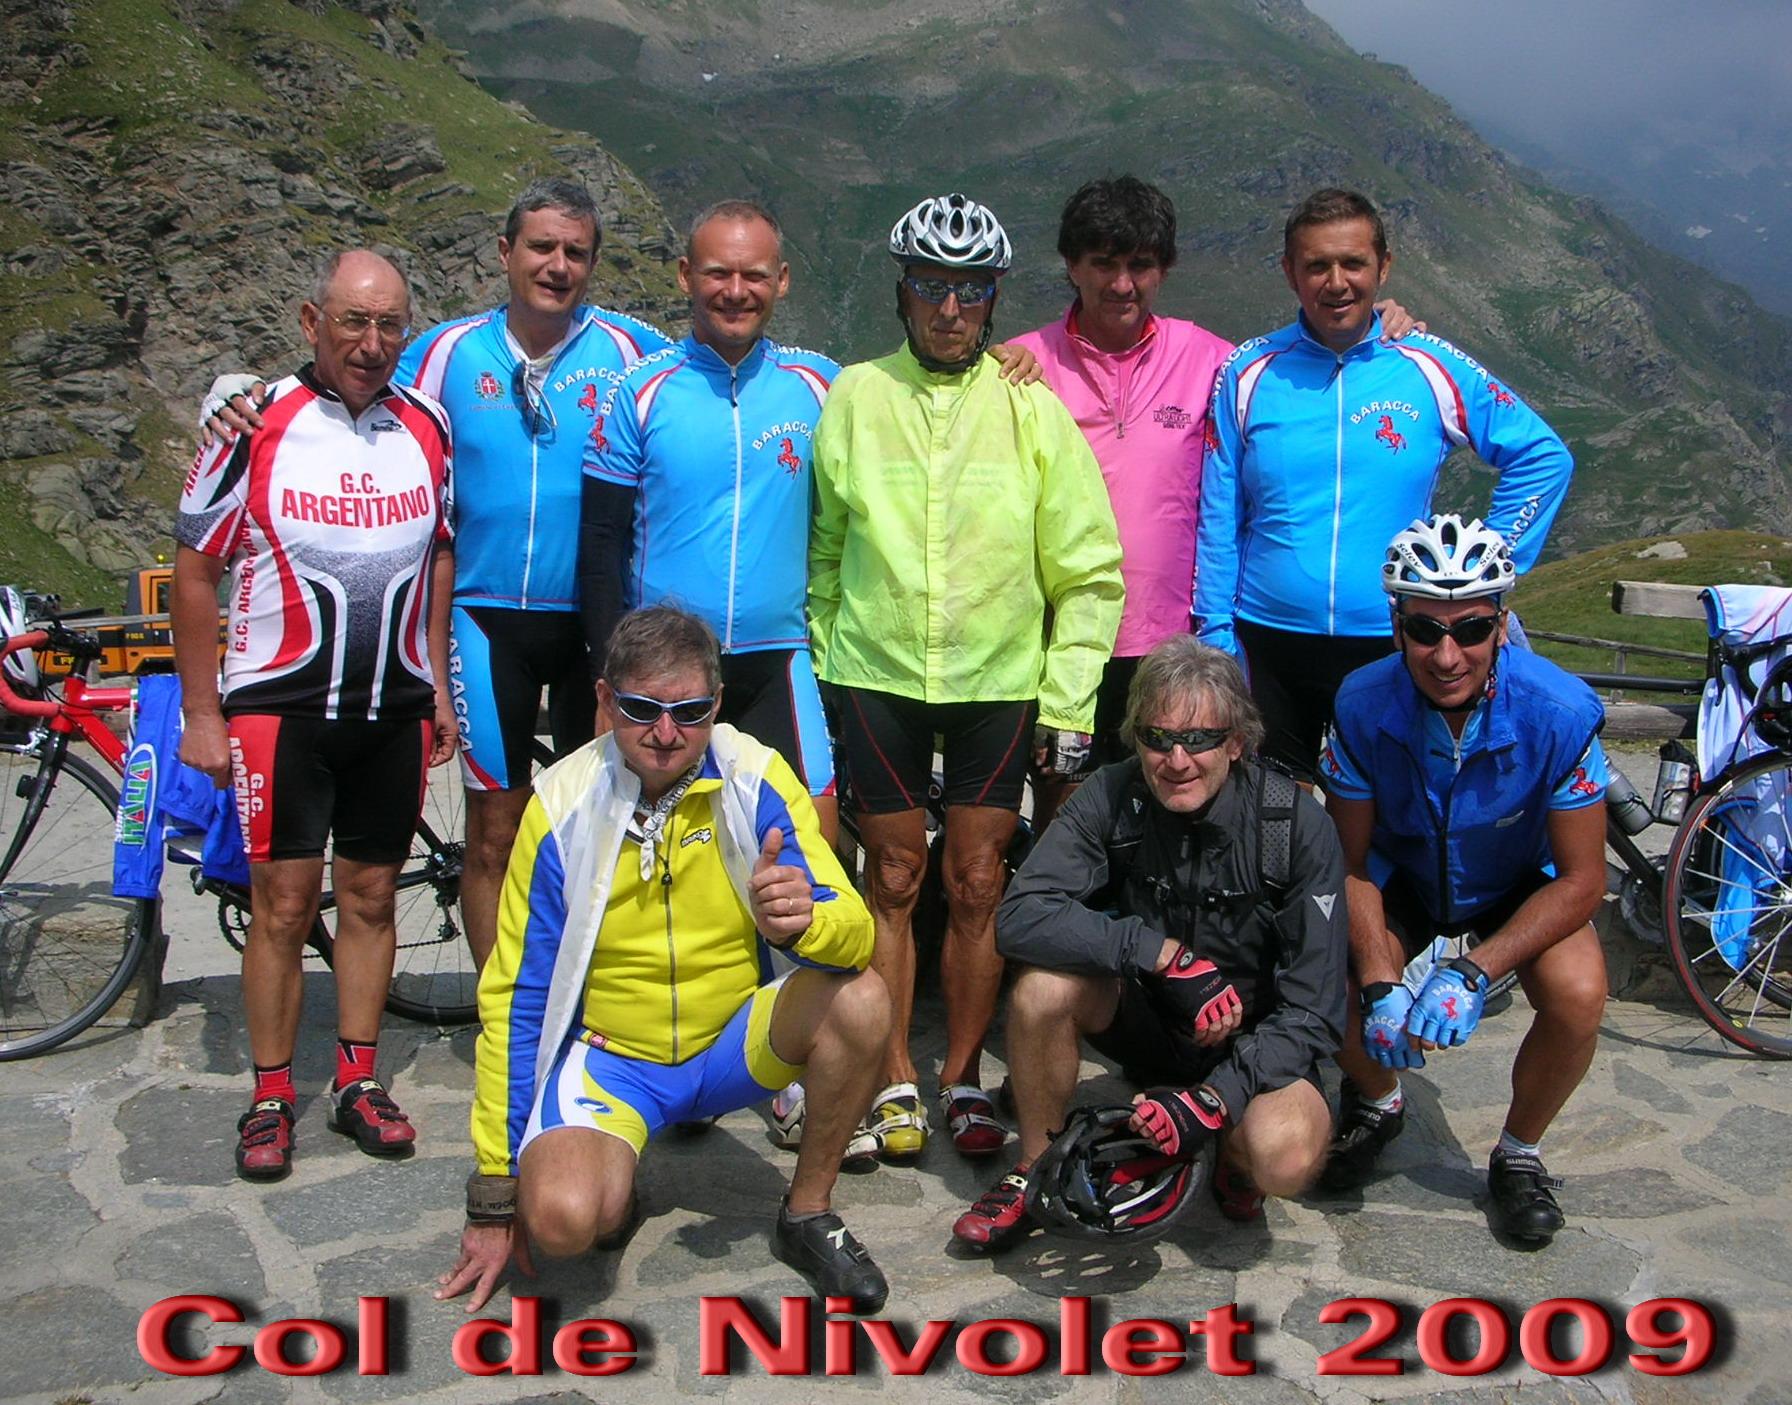 Col de Nivolet 2009